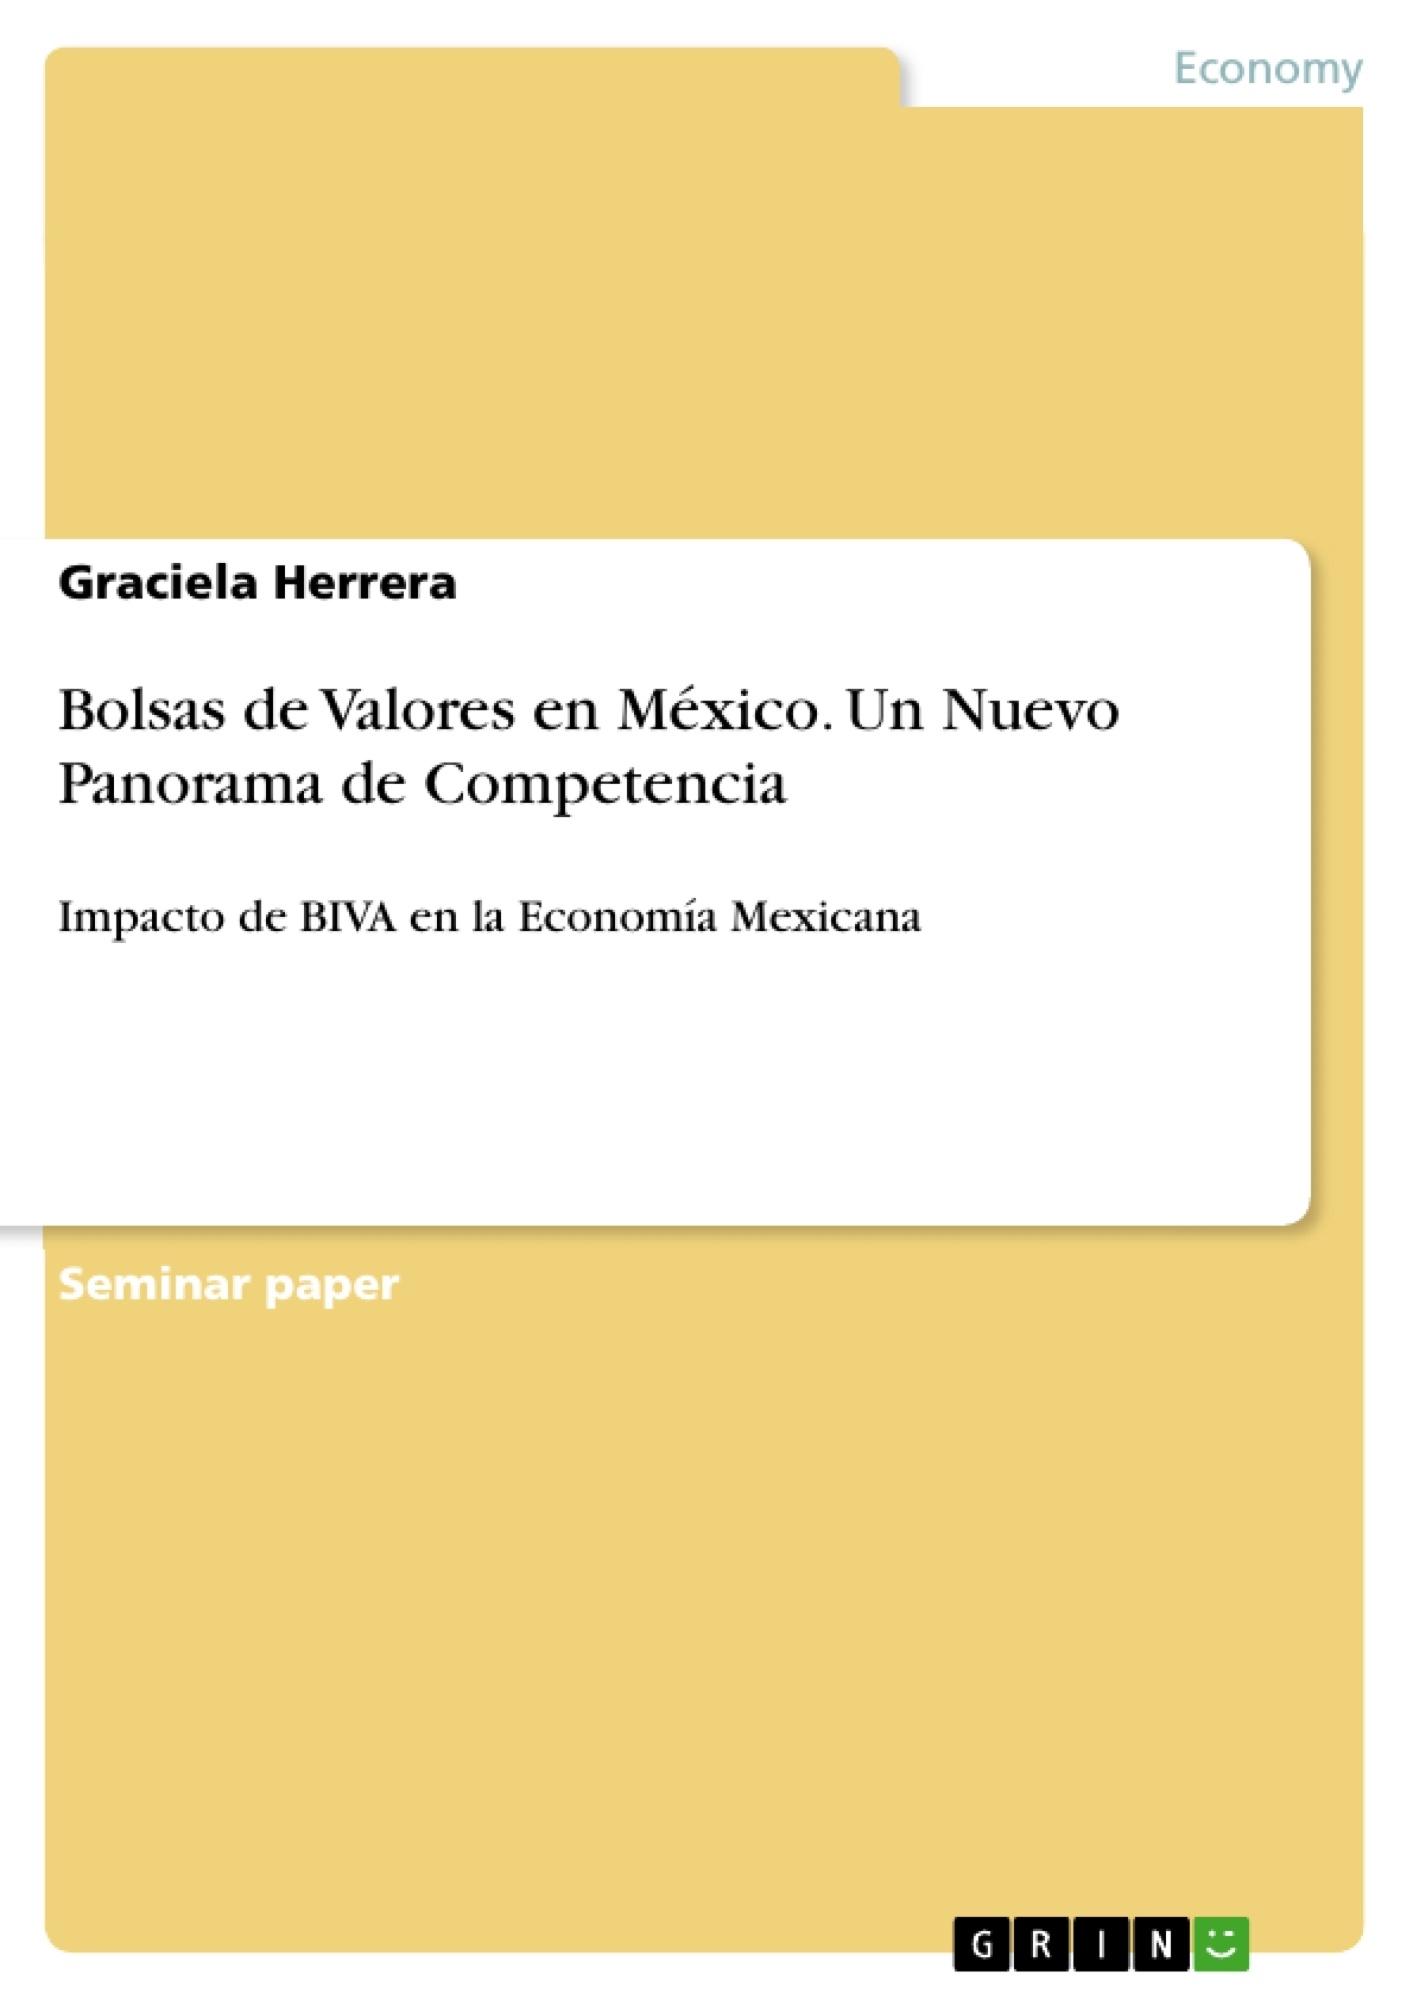 Título: Bolsas de Valores en México. Un Nuevo Panorama de Competencia